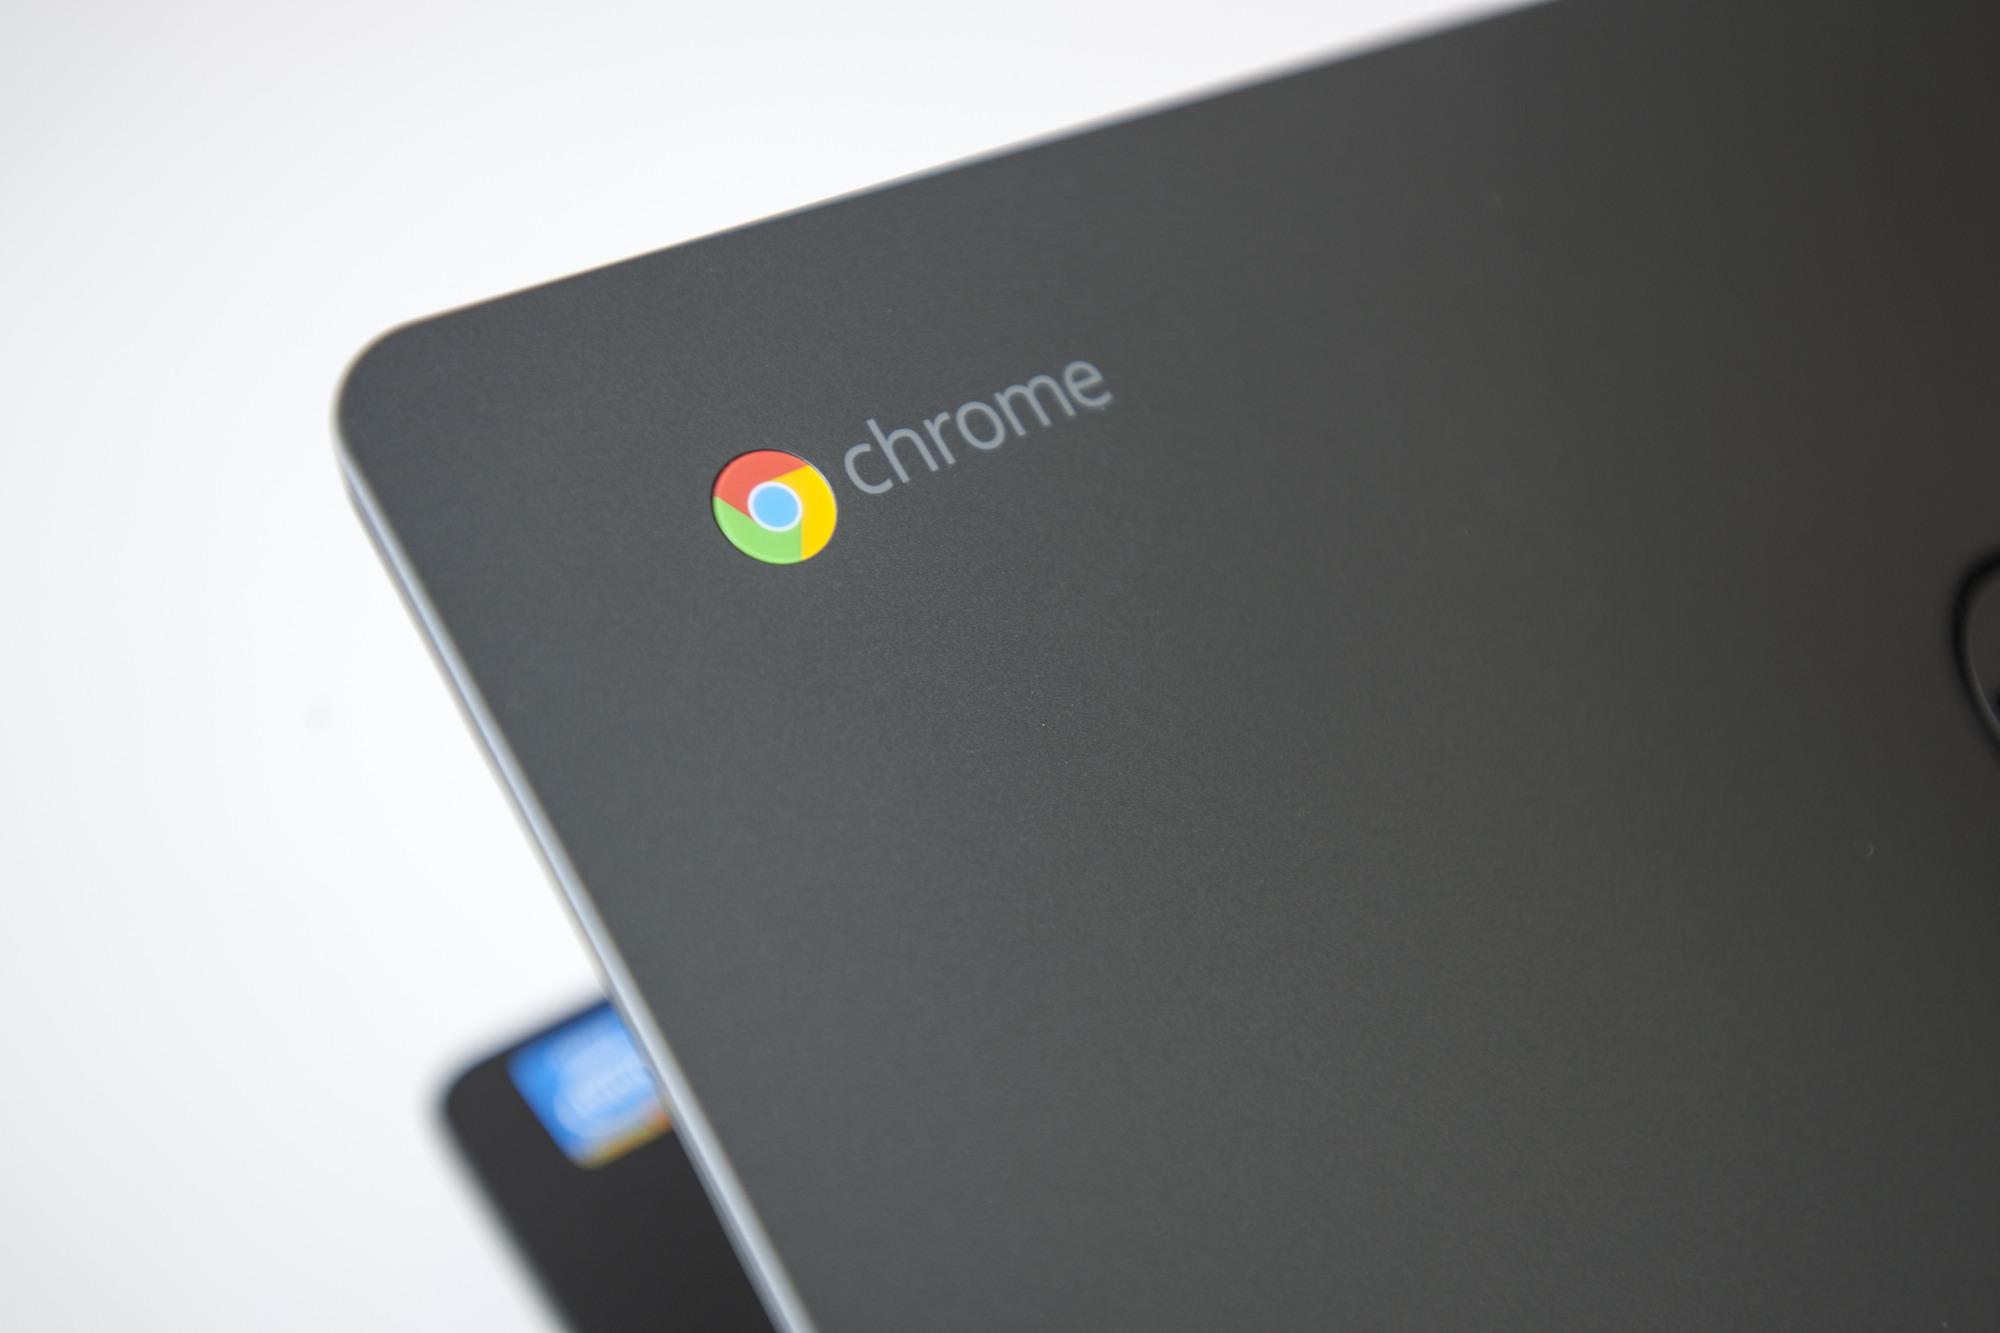 احتمالا اندروید 8.1 اجازه ارسال و دریافت SMS را در Chromebook ها میدهد